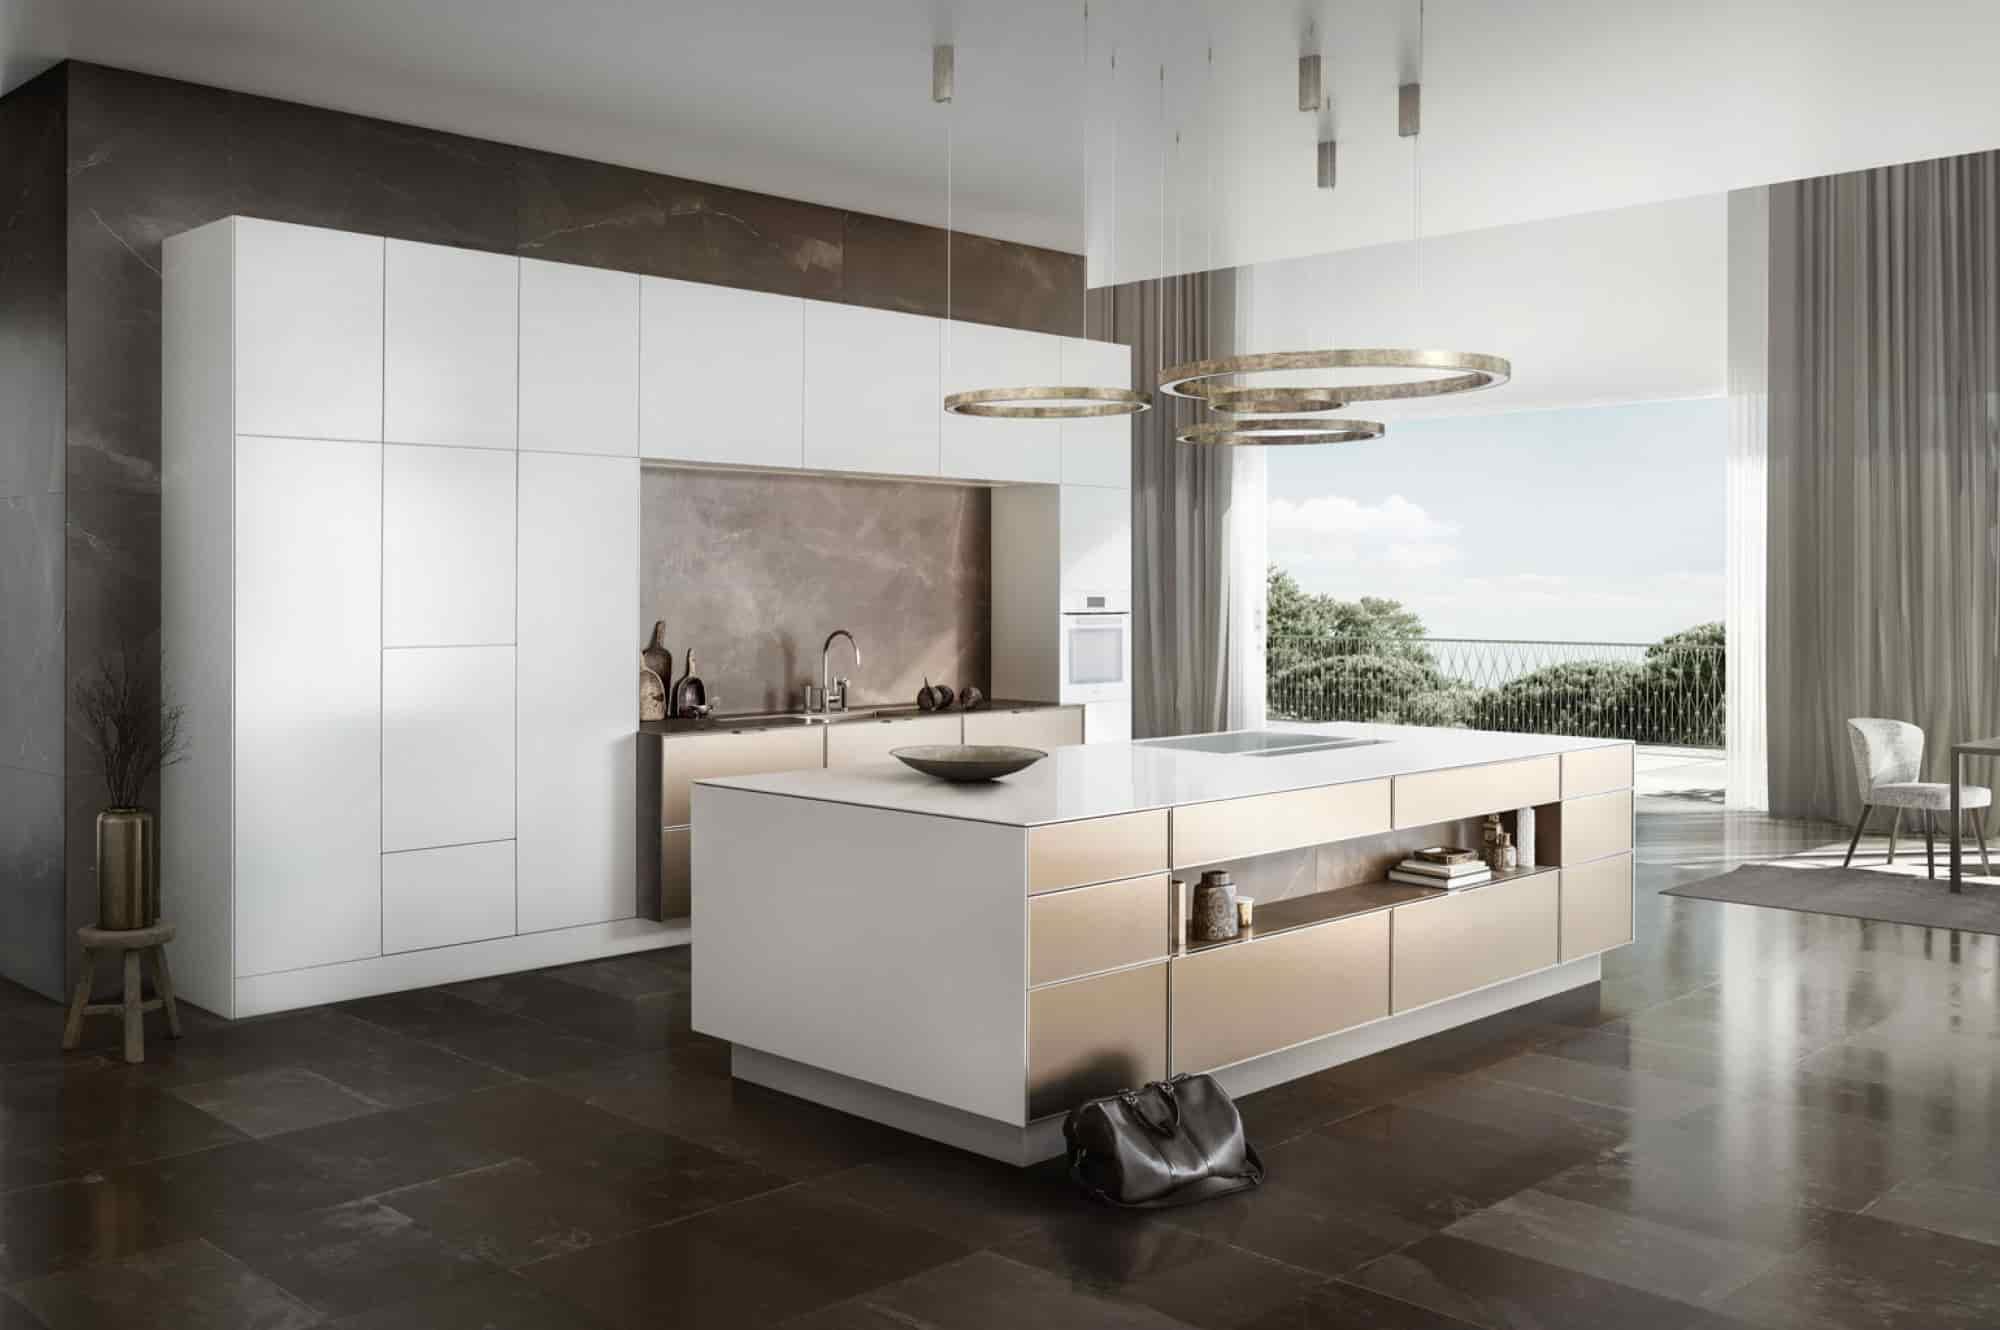 ellerbrock siematic pur f 10. Black Bedroom Furniture Sets. Home Design Ideas